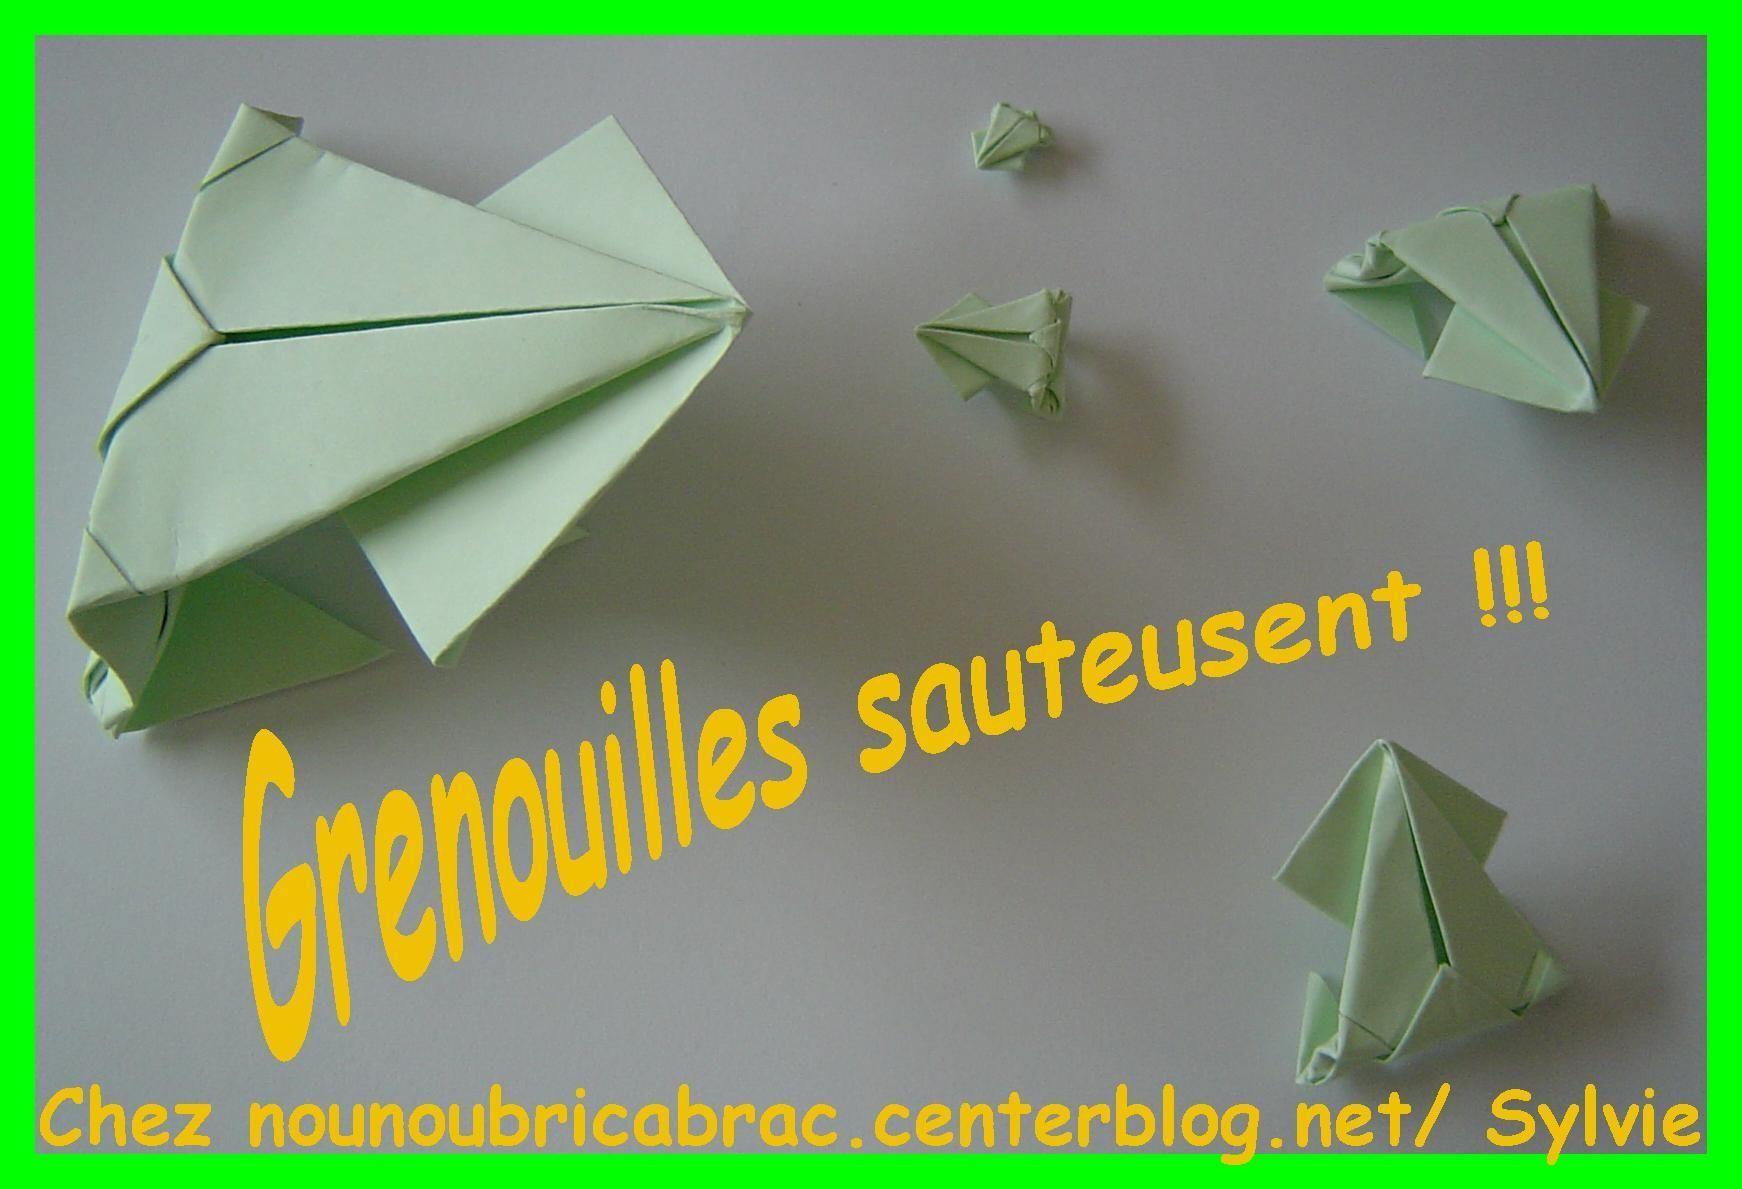 Croa Grenouille Sauteuse !!!